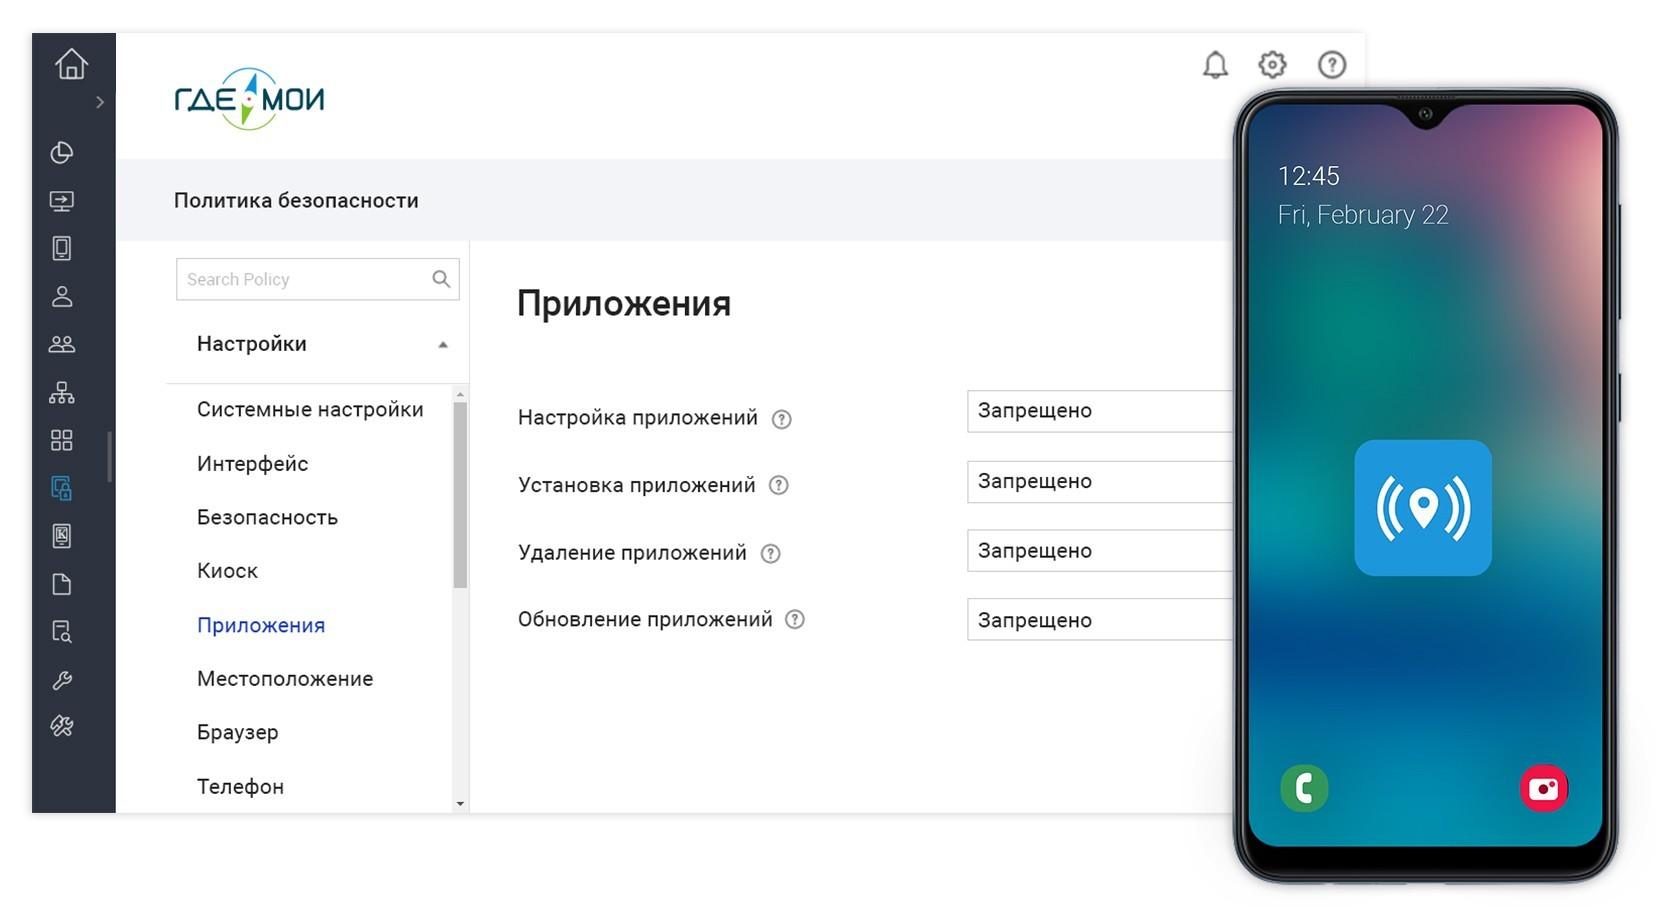 Скриншот: интерфейс системы удаленного администрирования на компьютере и смартфоне